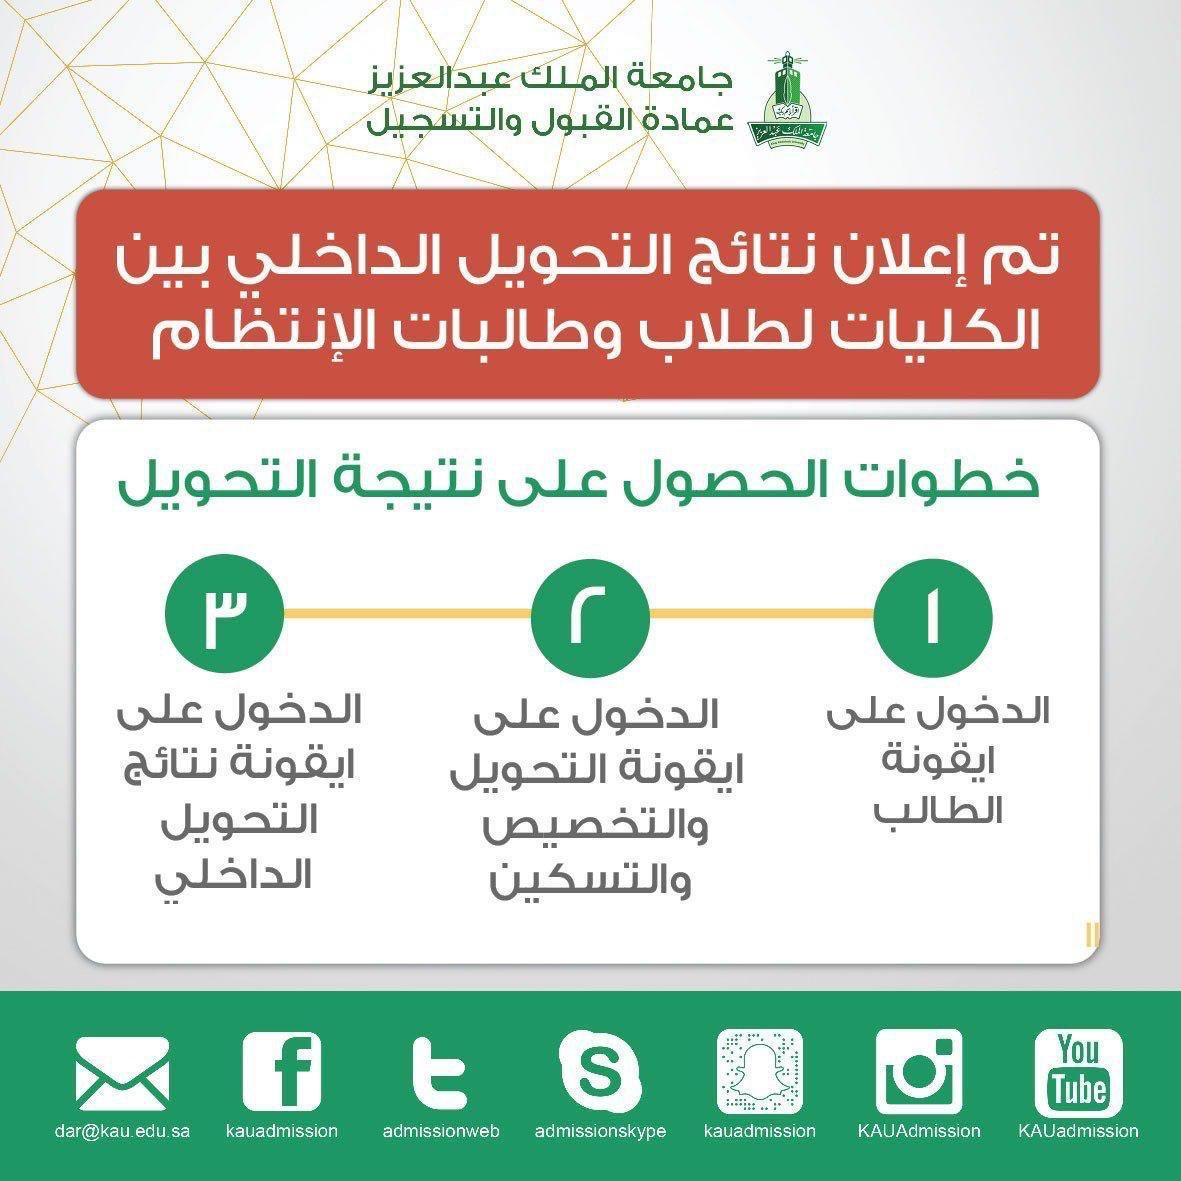 نتائج التحويل الداخلي جامعة الملك عبدالعزيز 1440